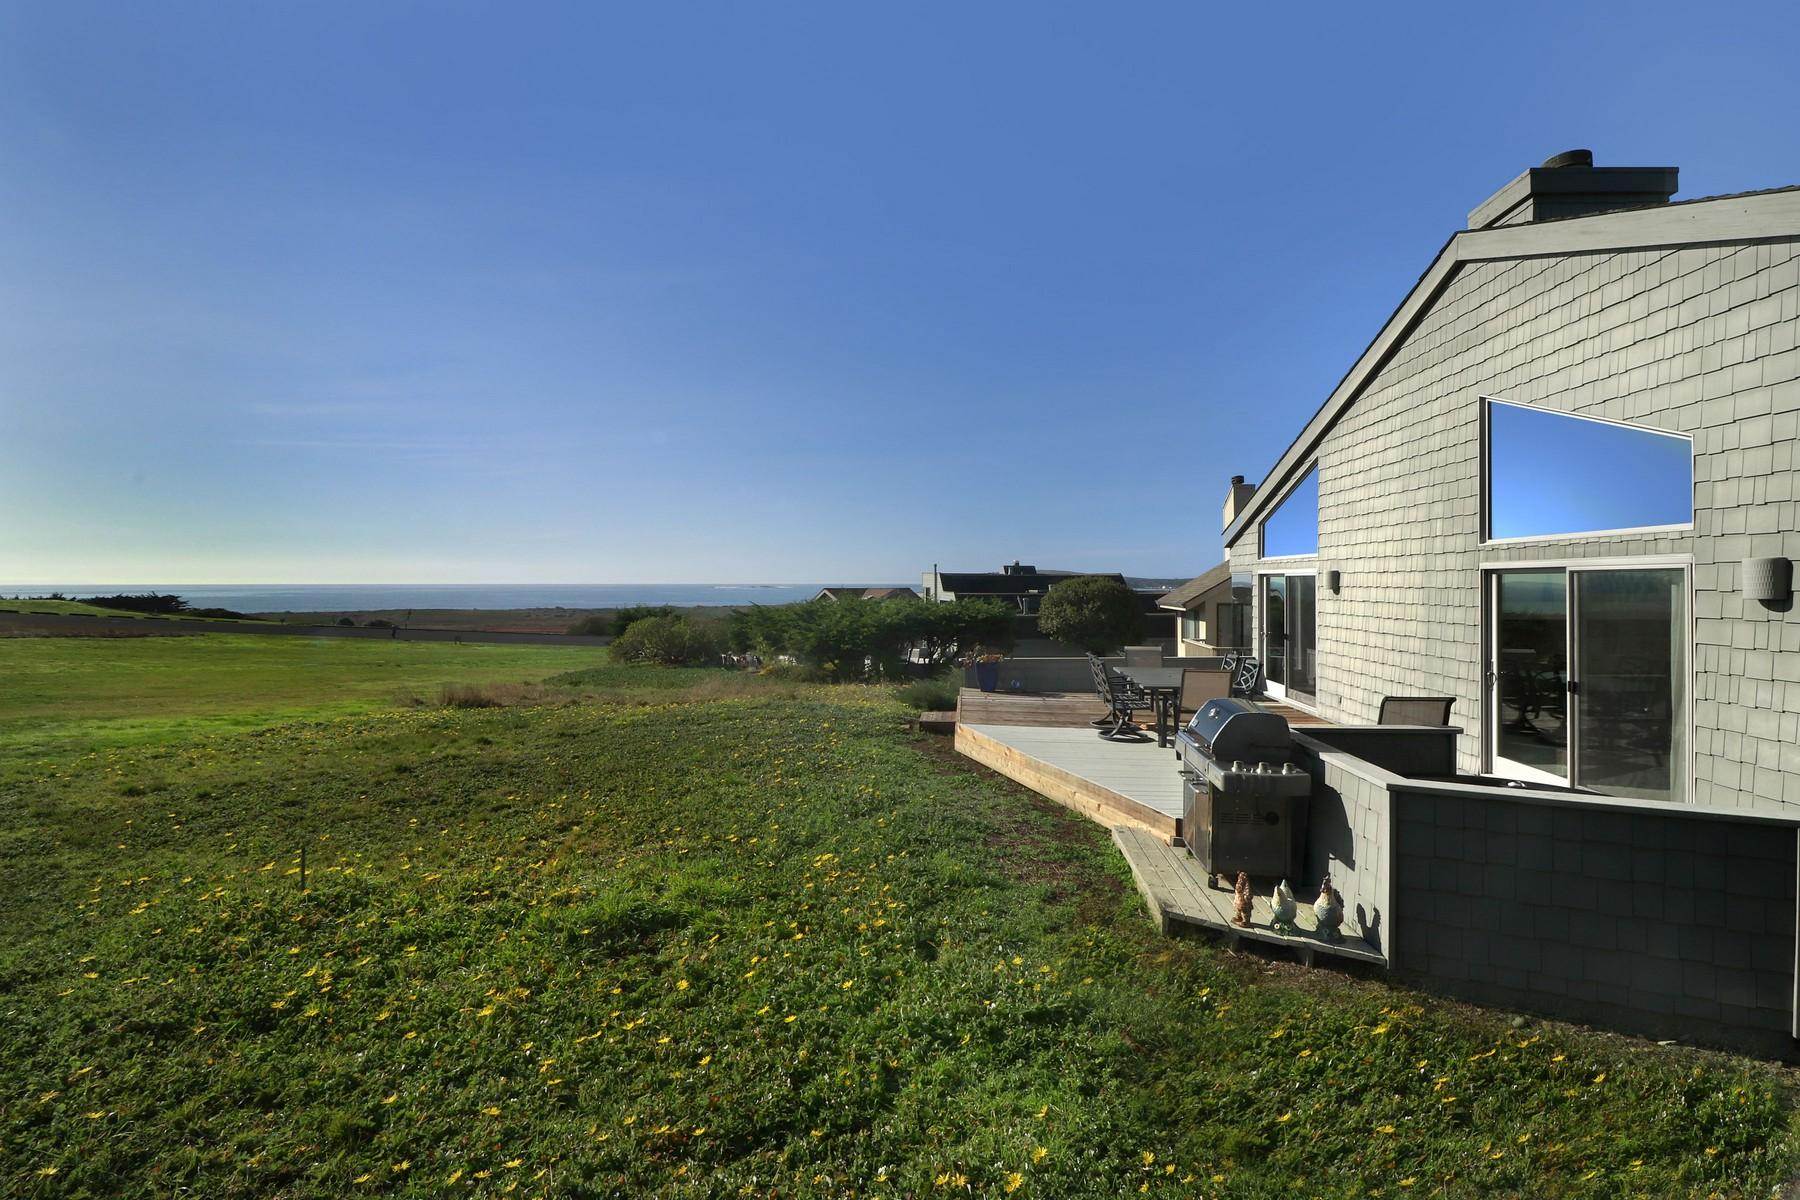 Casa Unifamiliar por un Venta en 21538 Heron Drive 21538 Heron Drive Bodega Bay, California 94923 Estados Unidos